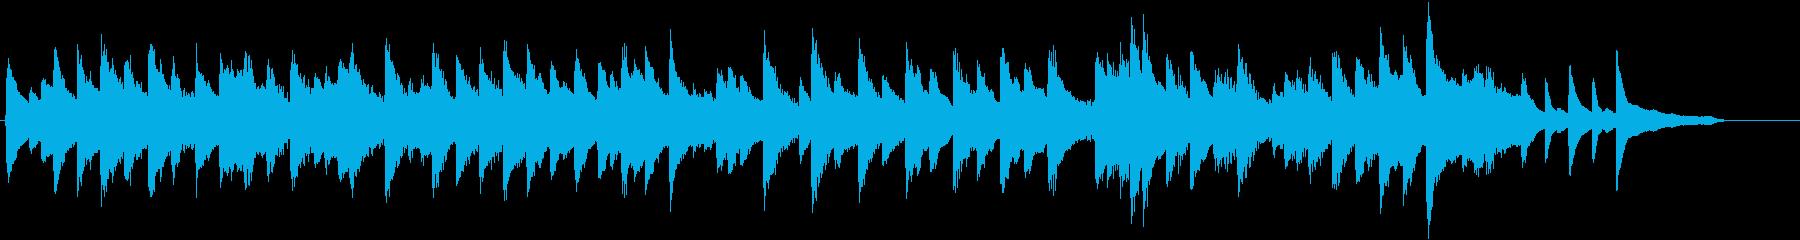 童謡・夕焼小焼モチーフのピアノジングルDの再生済みの波形